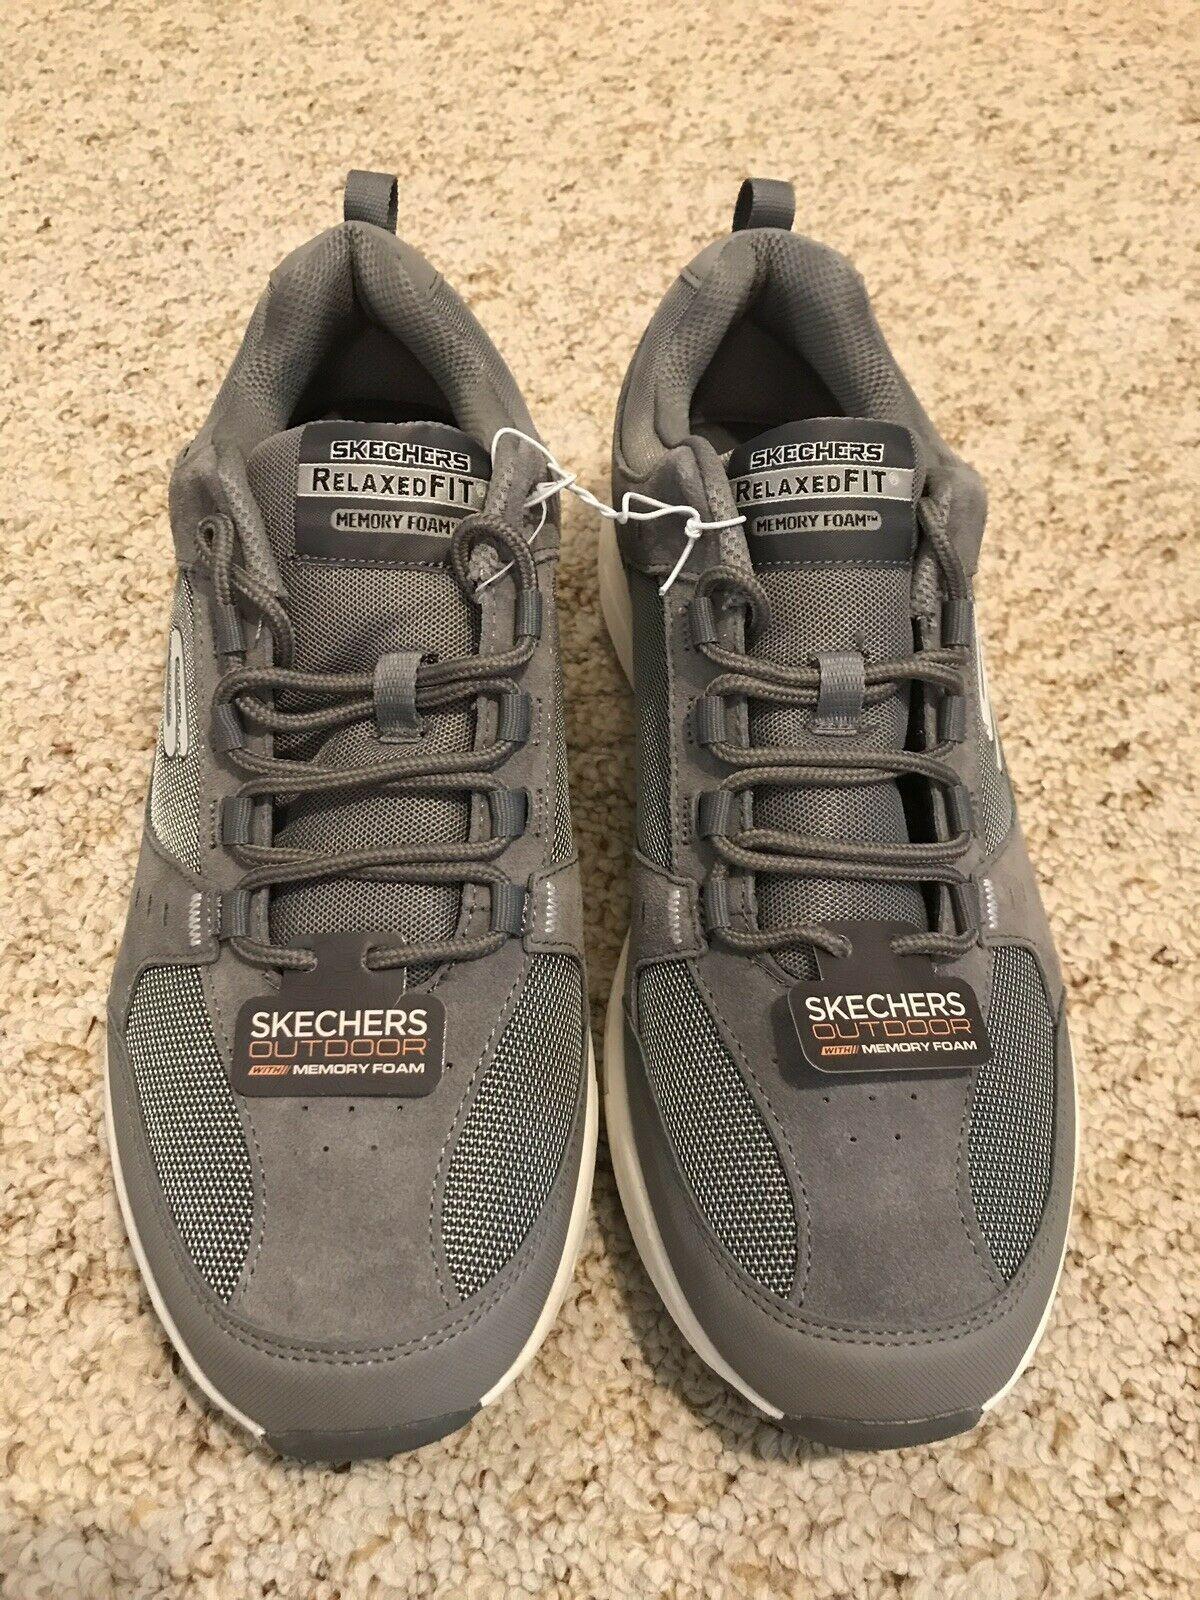 Nib Mens Sketchers Gray Oak Canyon Shoes Sz 12 Memory Foam Sketcher Shoes Ideas Of Sketcher Shoes Sketcher Shoes Sketchers Shoes Shoes Skechers